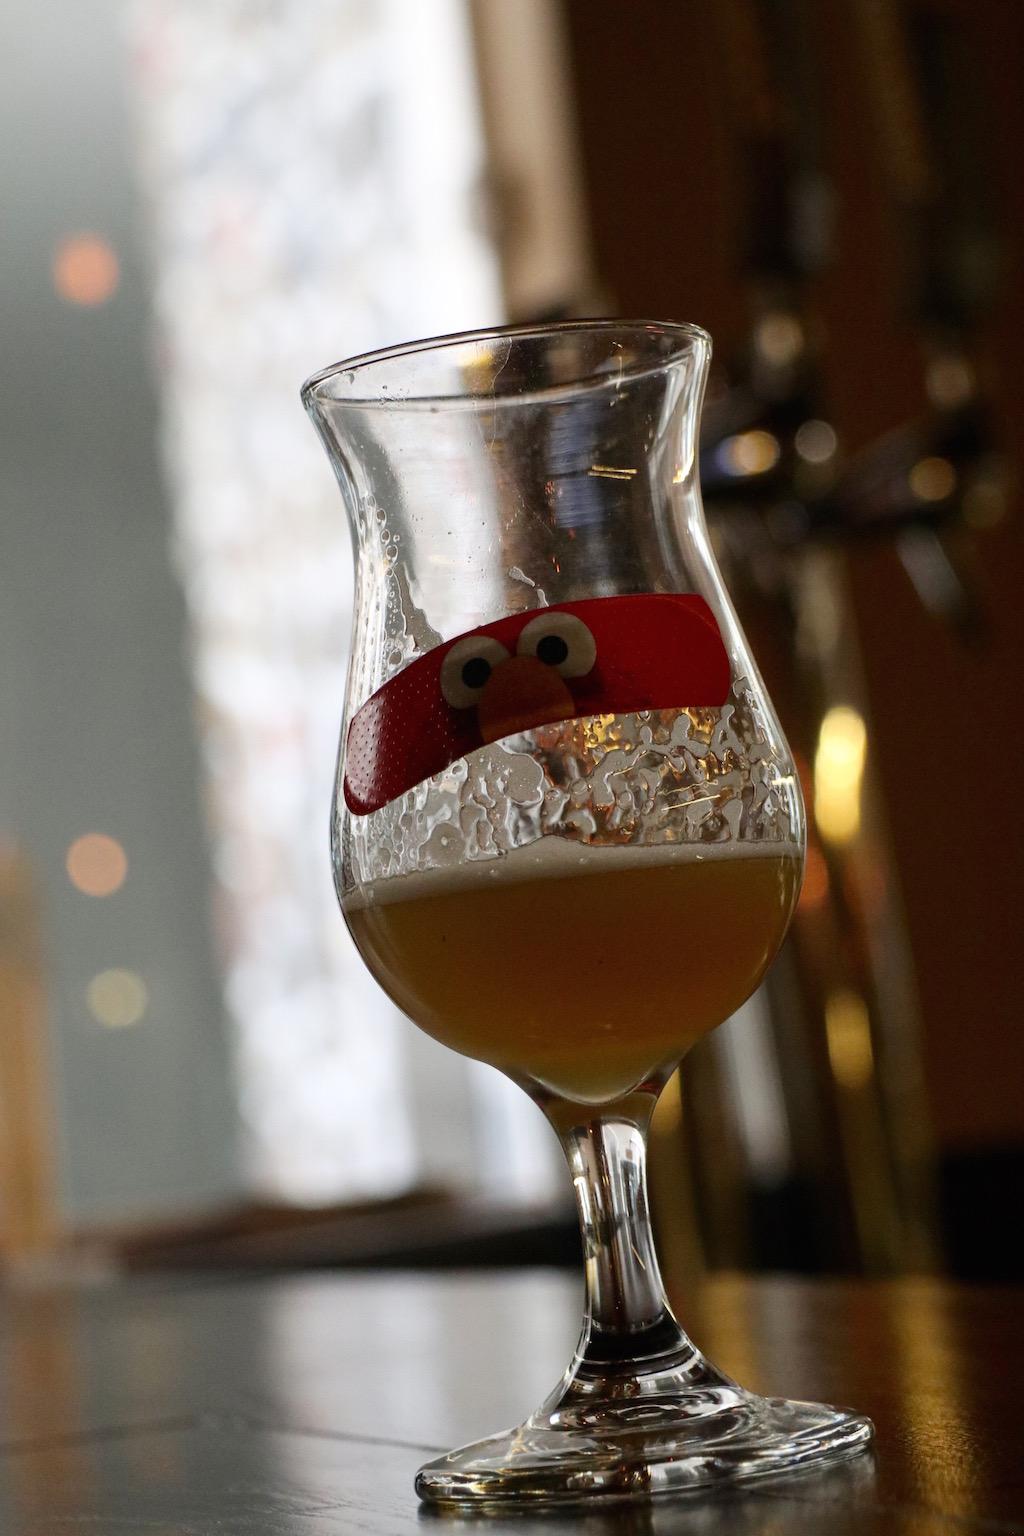 Cerveza en copa